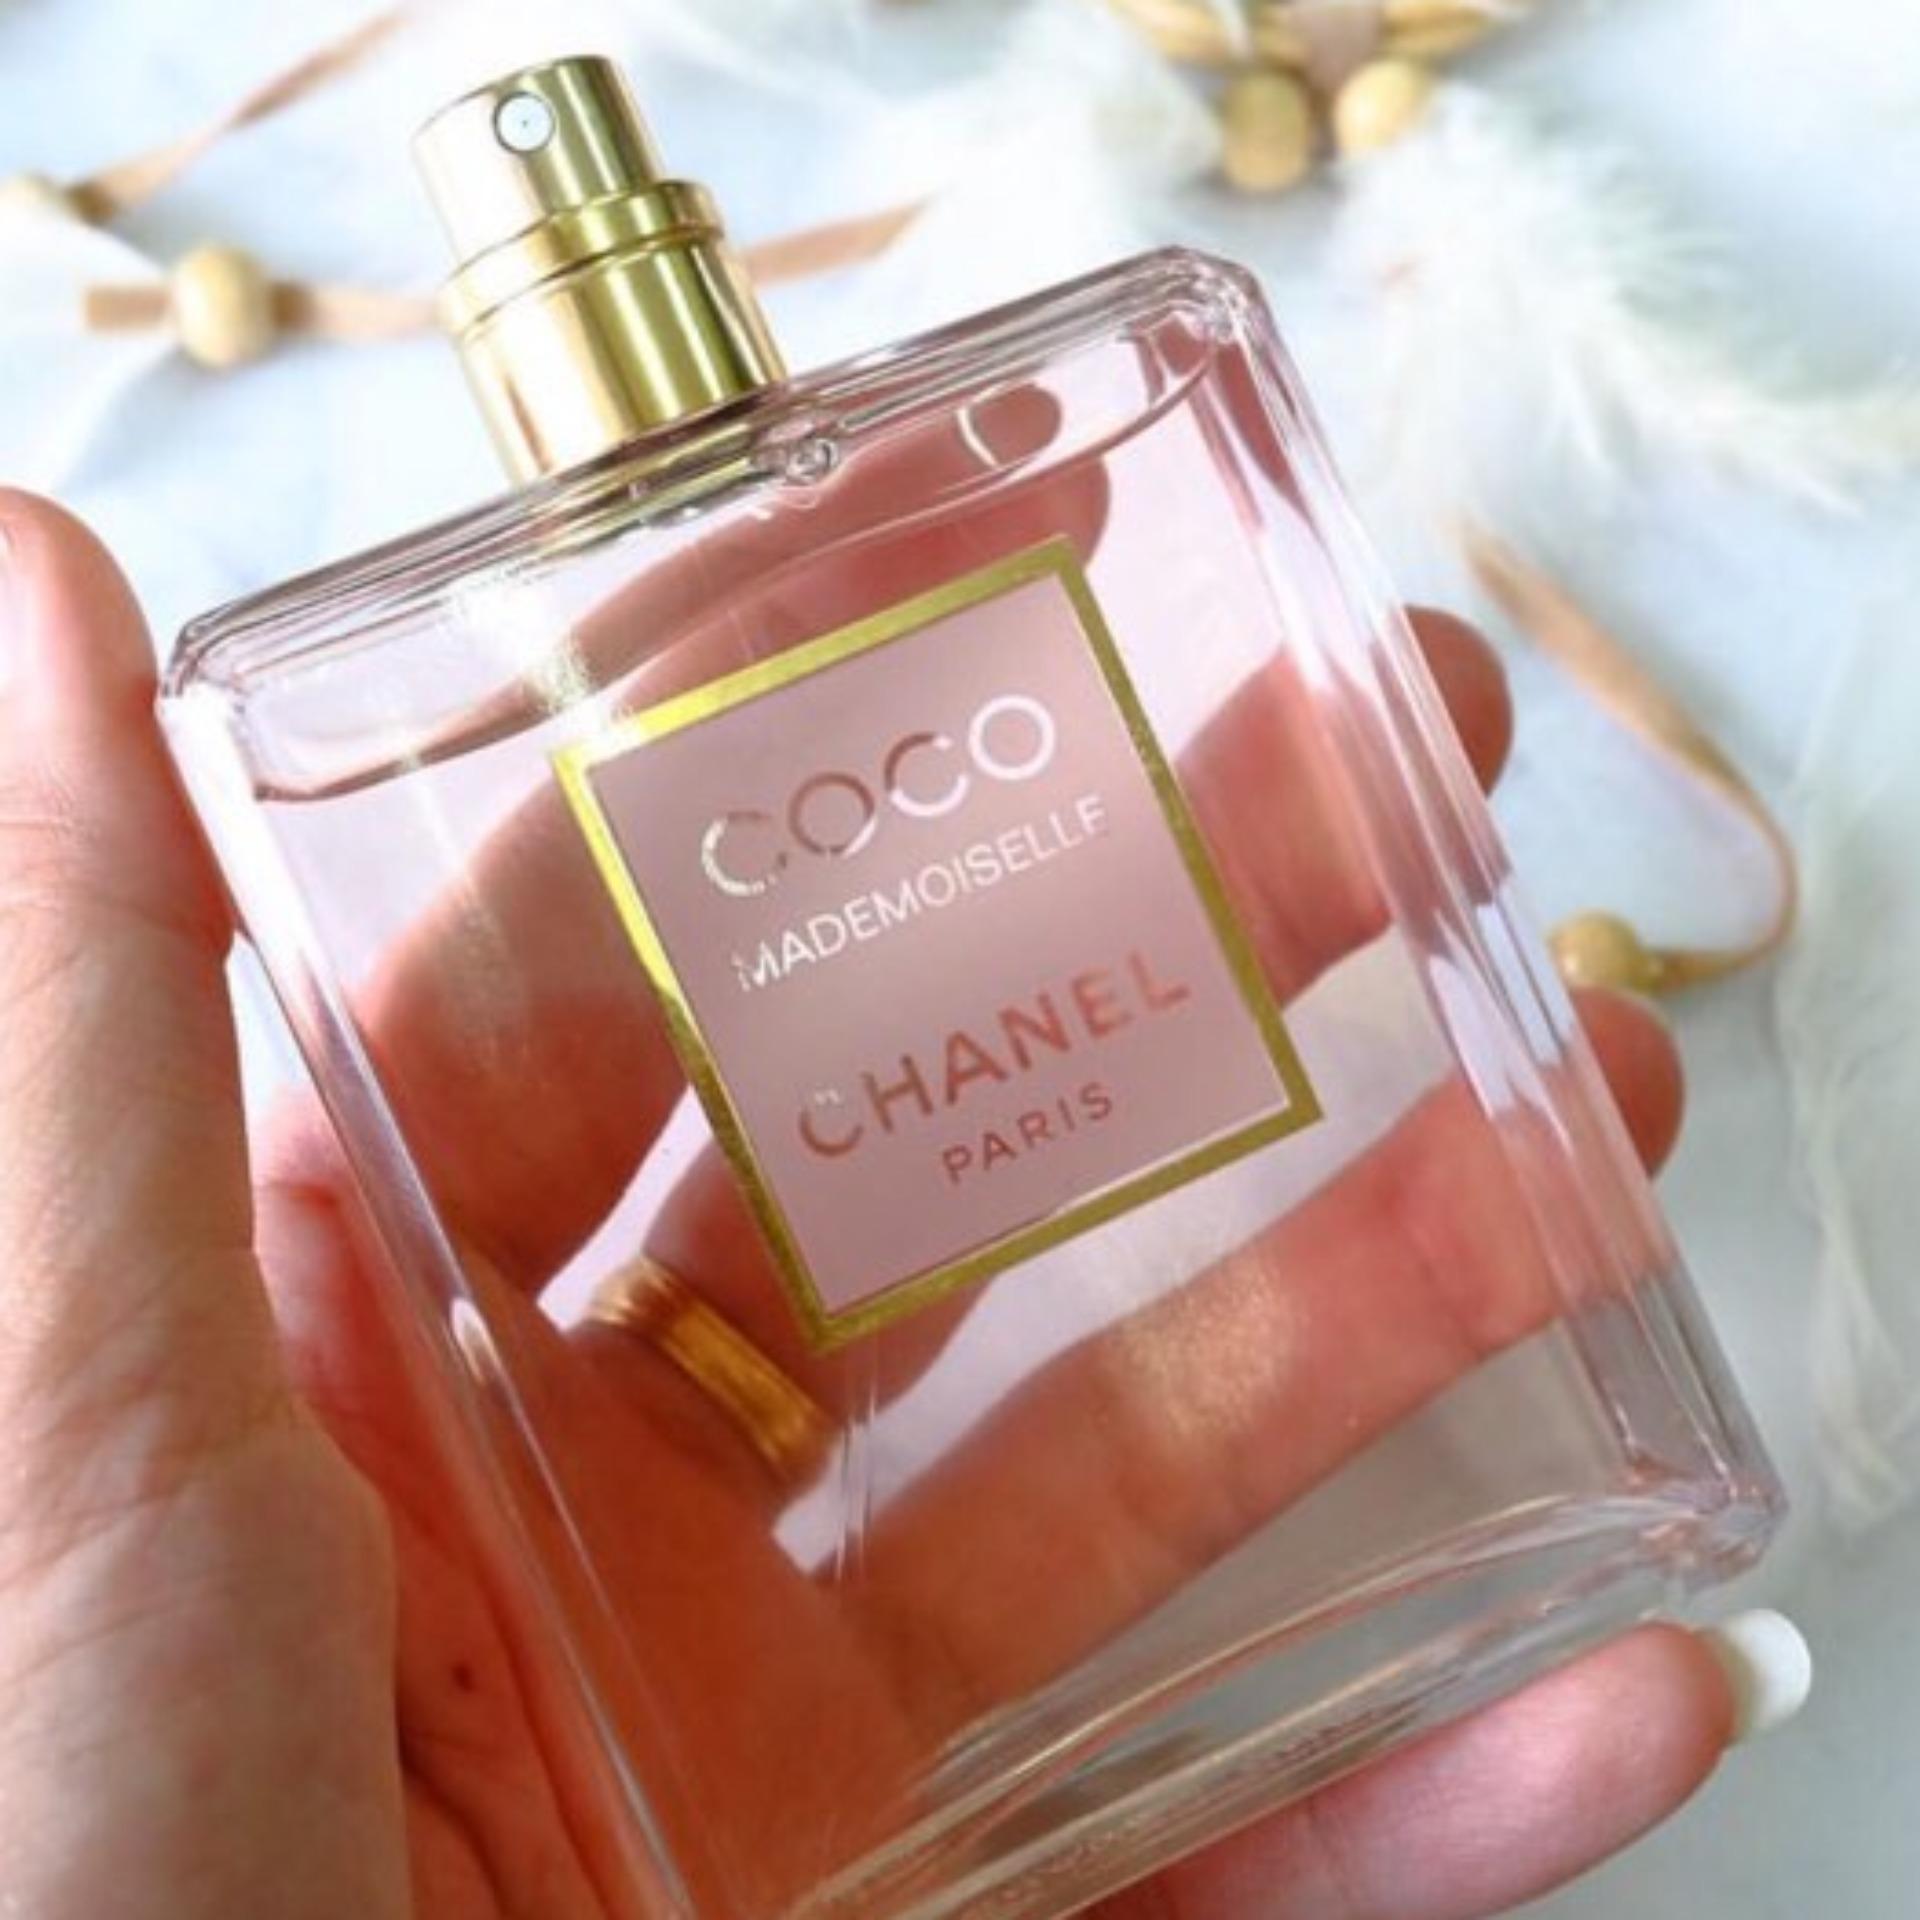 Mua Nước Hoa Nữ Chanel Coco Mademoiselle 50ml chính hãng Pháp, Giá tốt ảnh 3